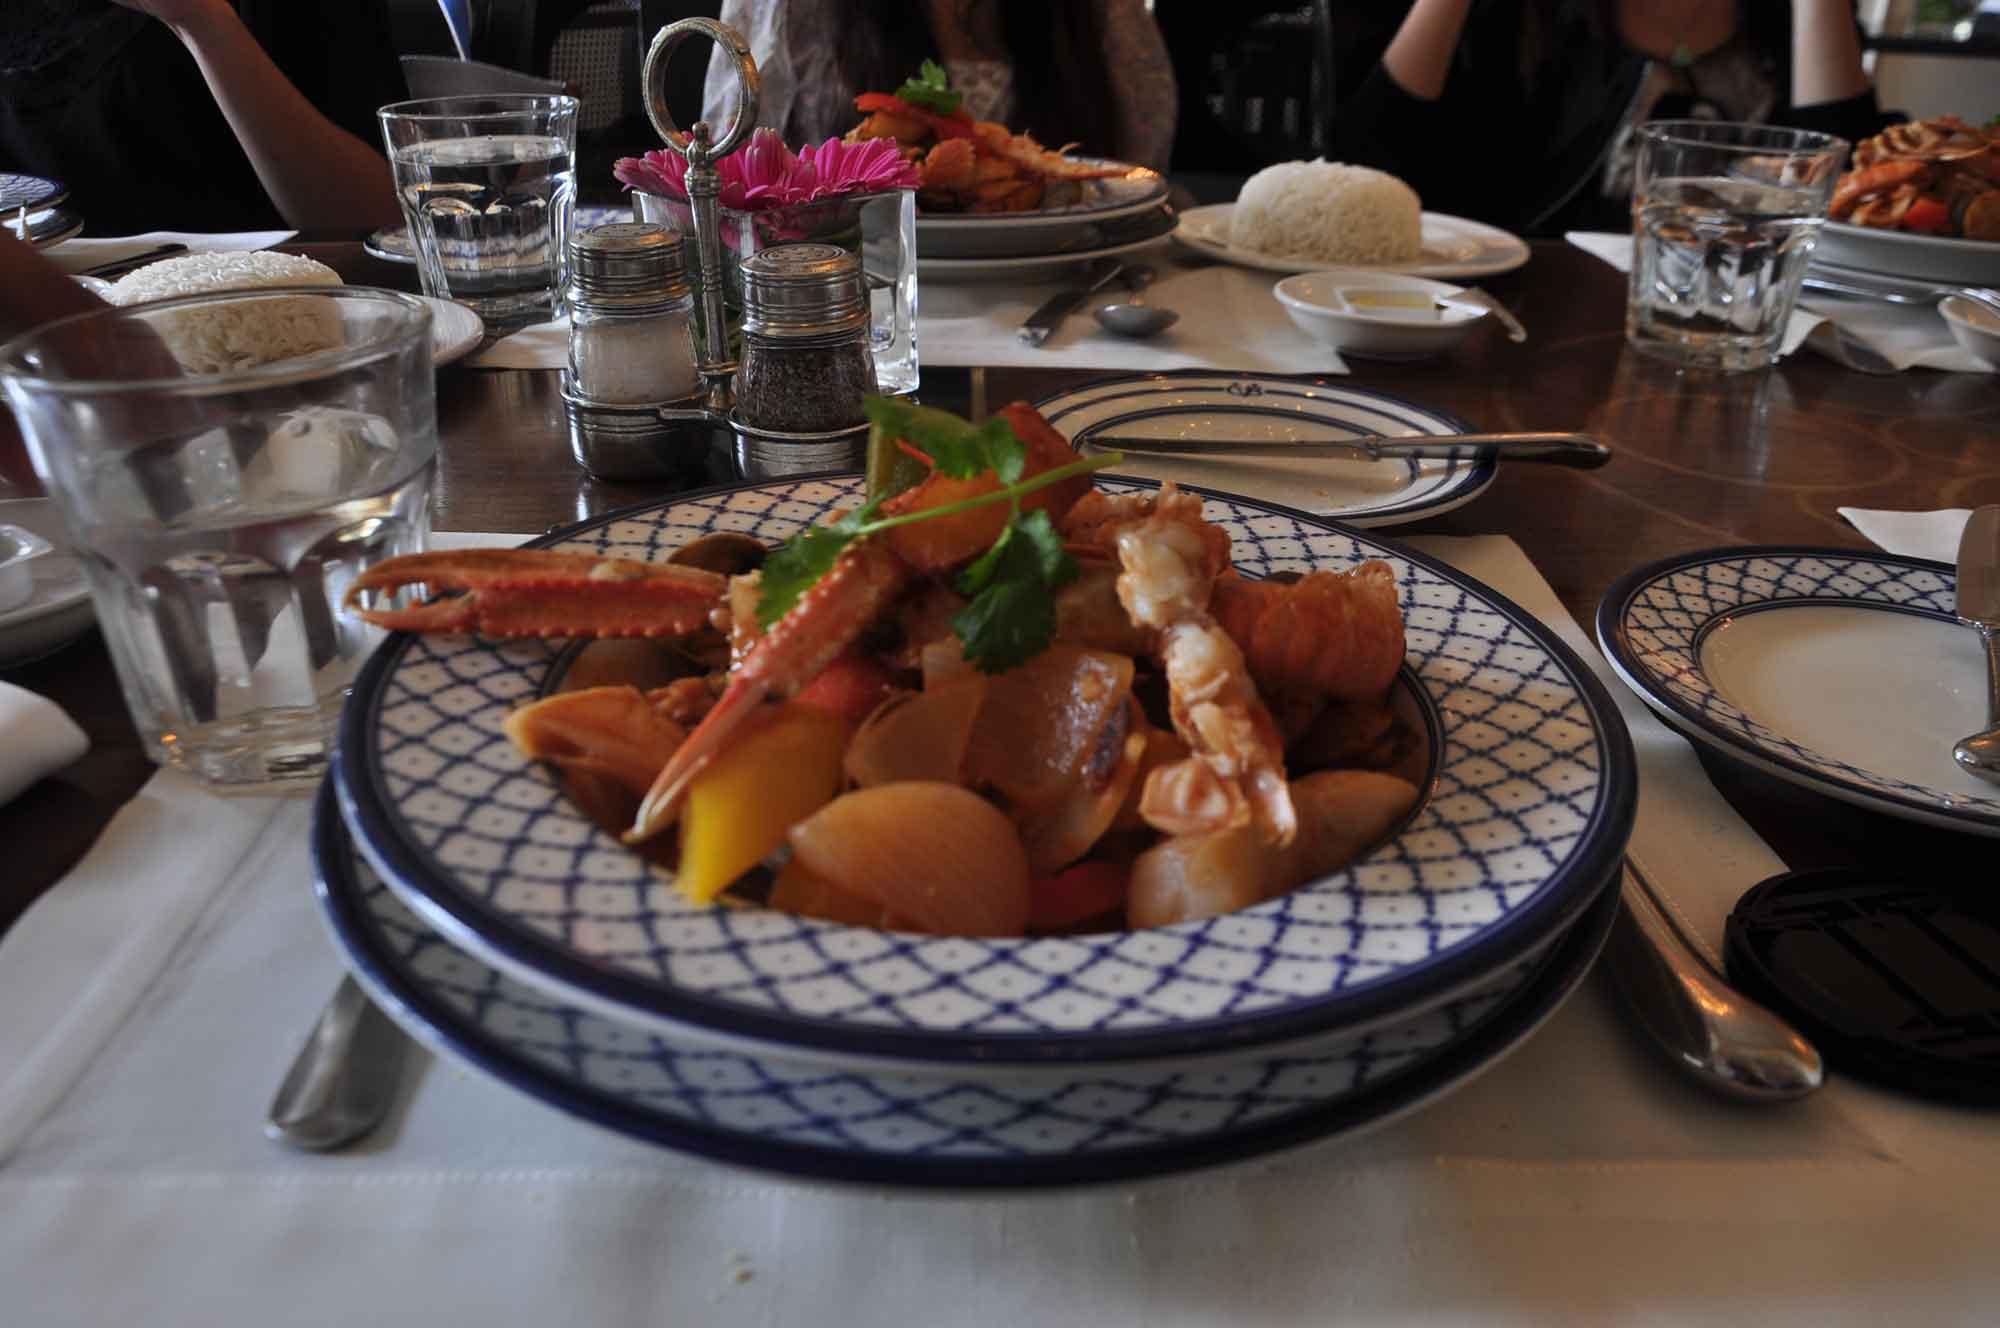 Cafe Bela Vista Macau seafood